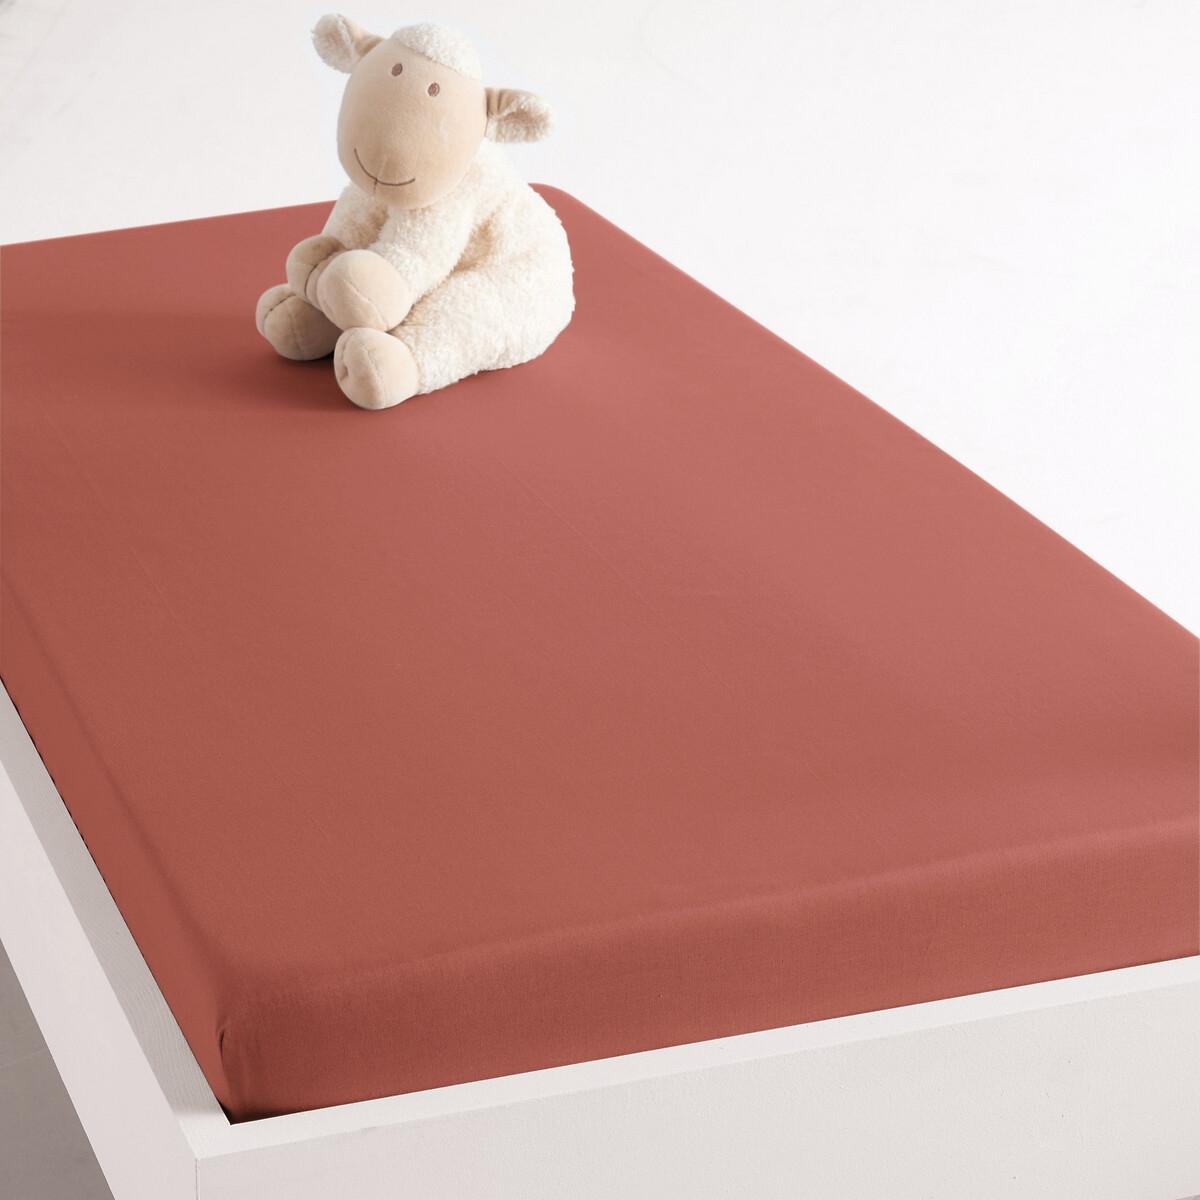 Натяжная простыня LaRedoute Из биохлопка для кровати грудного ребенка Scenario 40 x 80 см каштановый